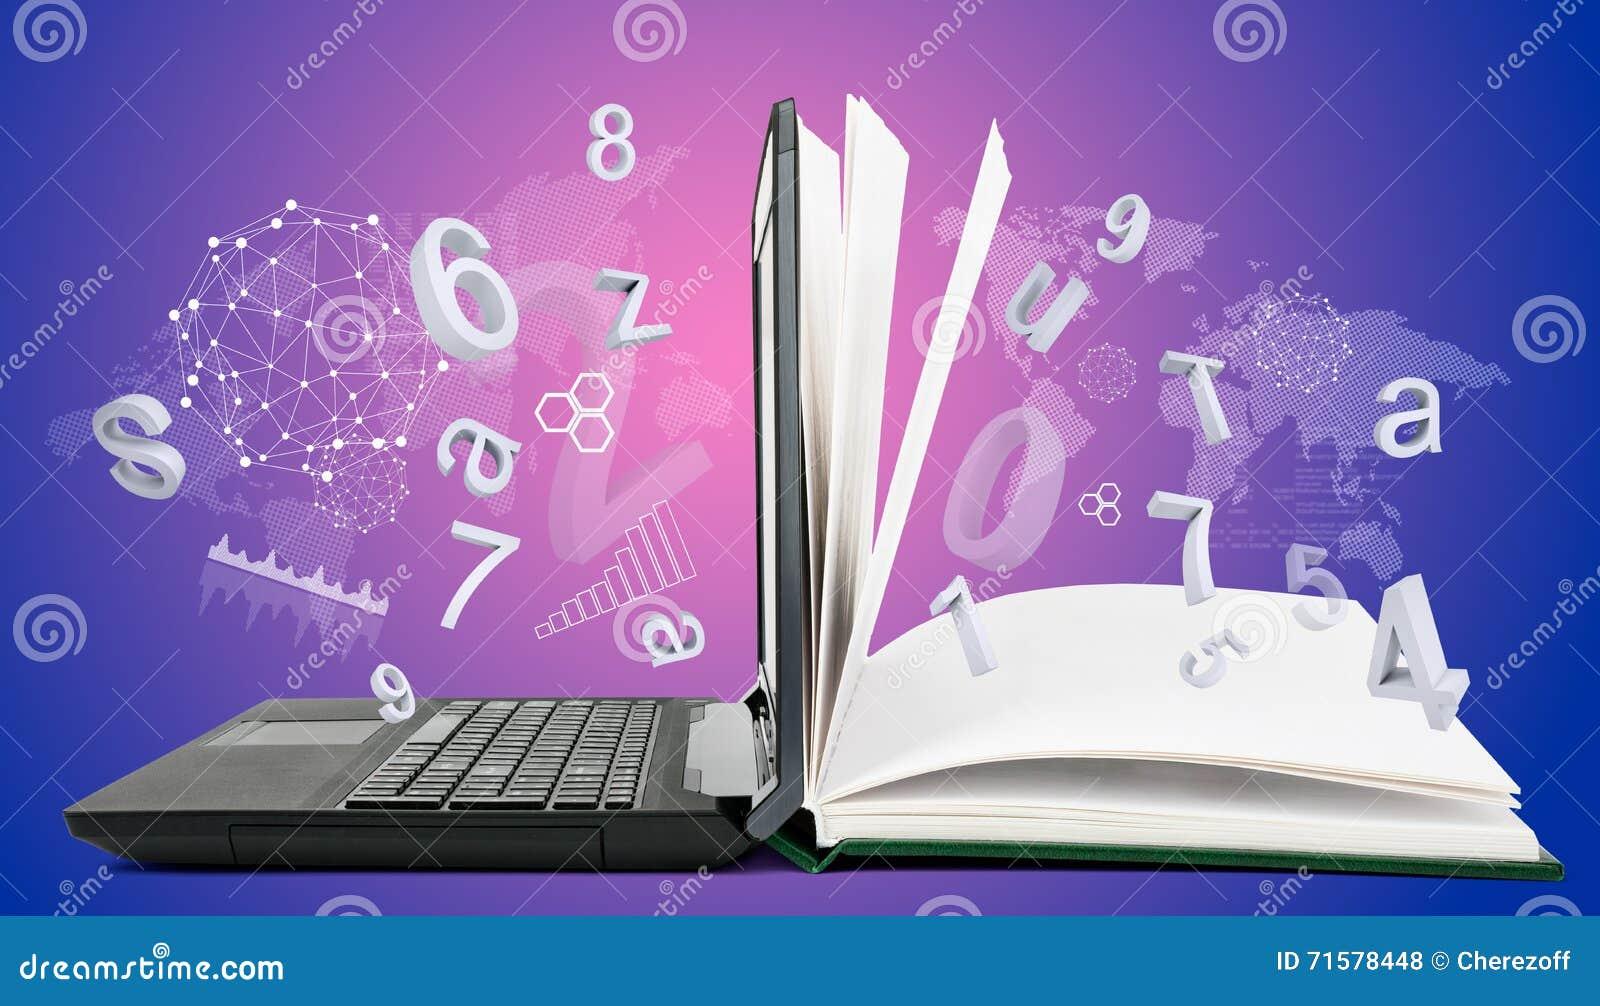 IT-Kommunikation, E-Learning